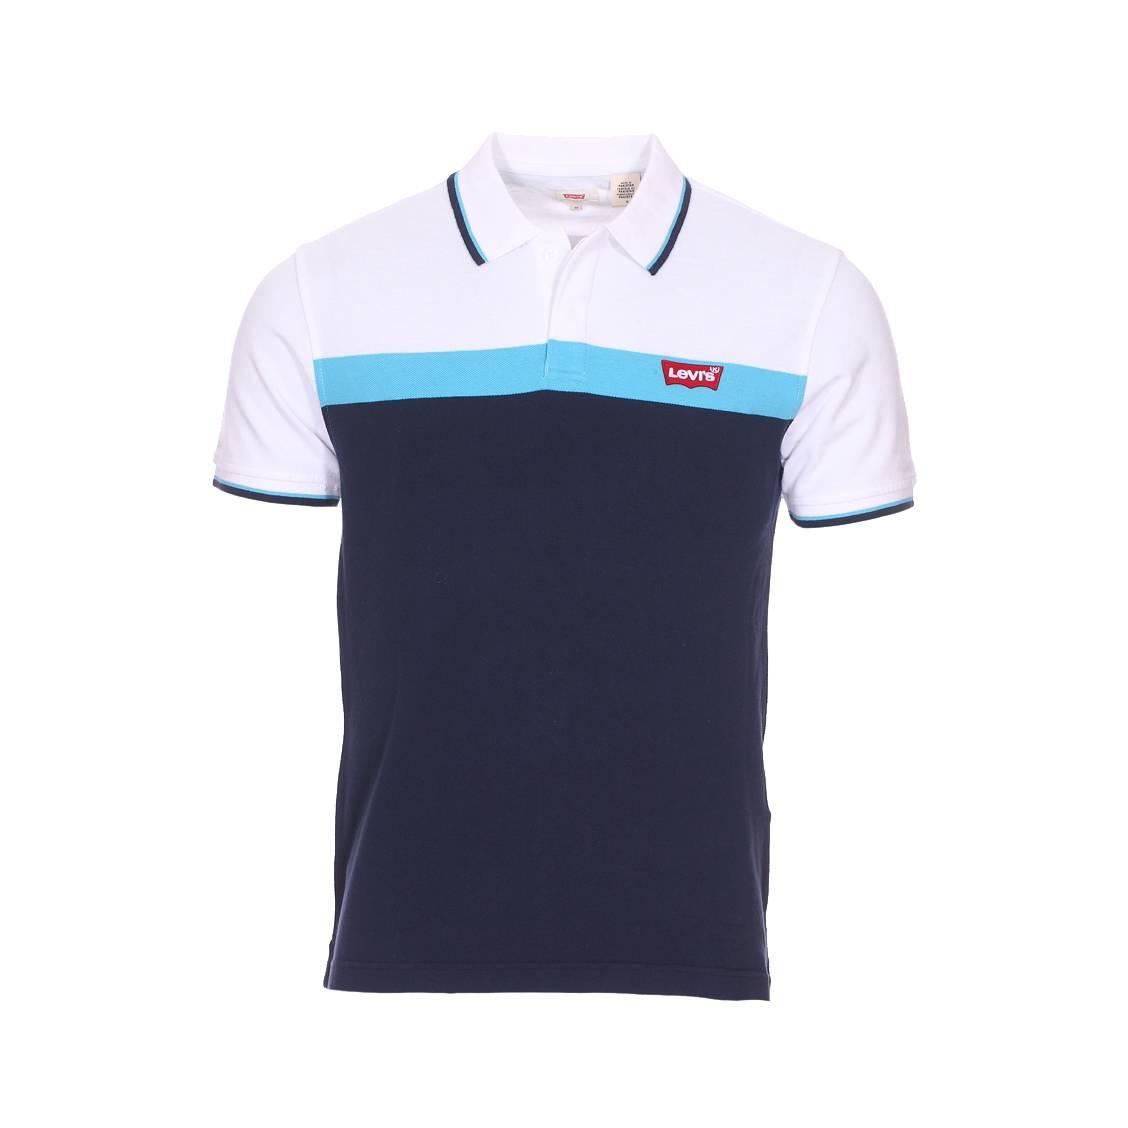 6e21468b96 Polo manches courtes Levi's Modern en piqué de coton blanc, bleu ciel et bleu  marine ...